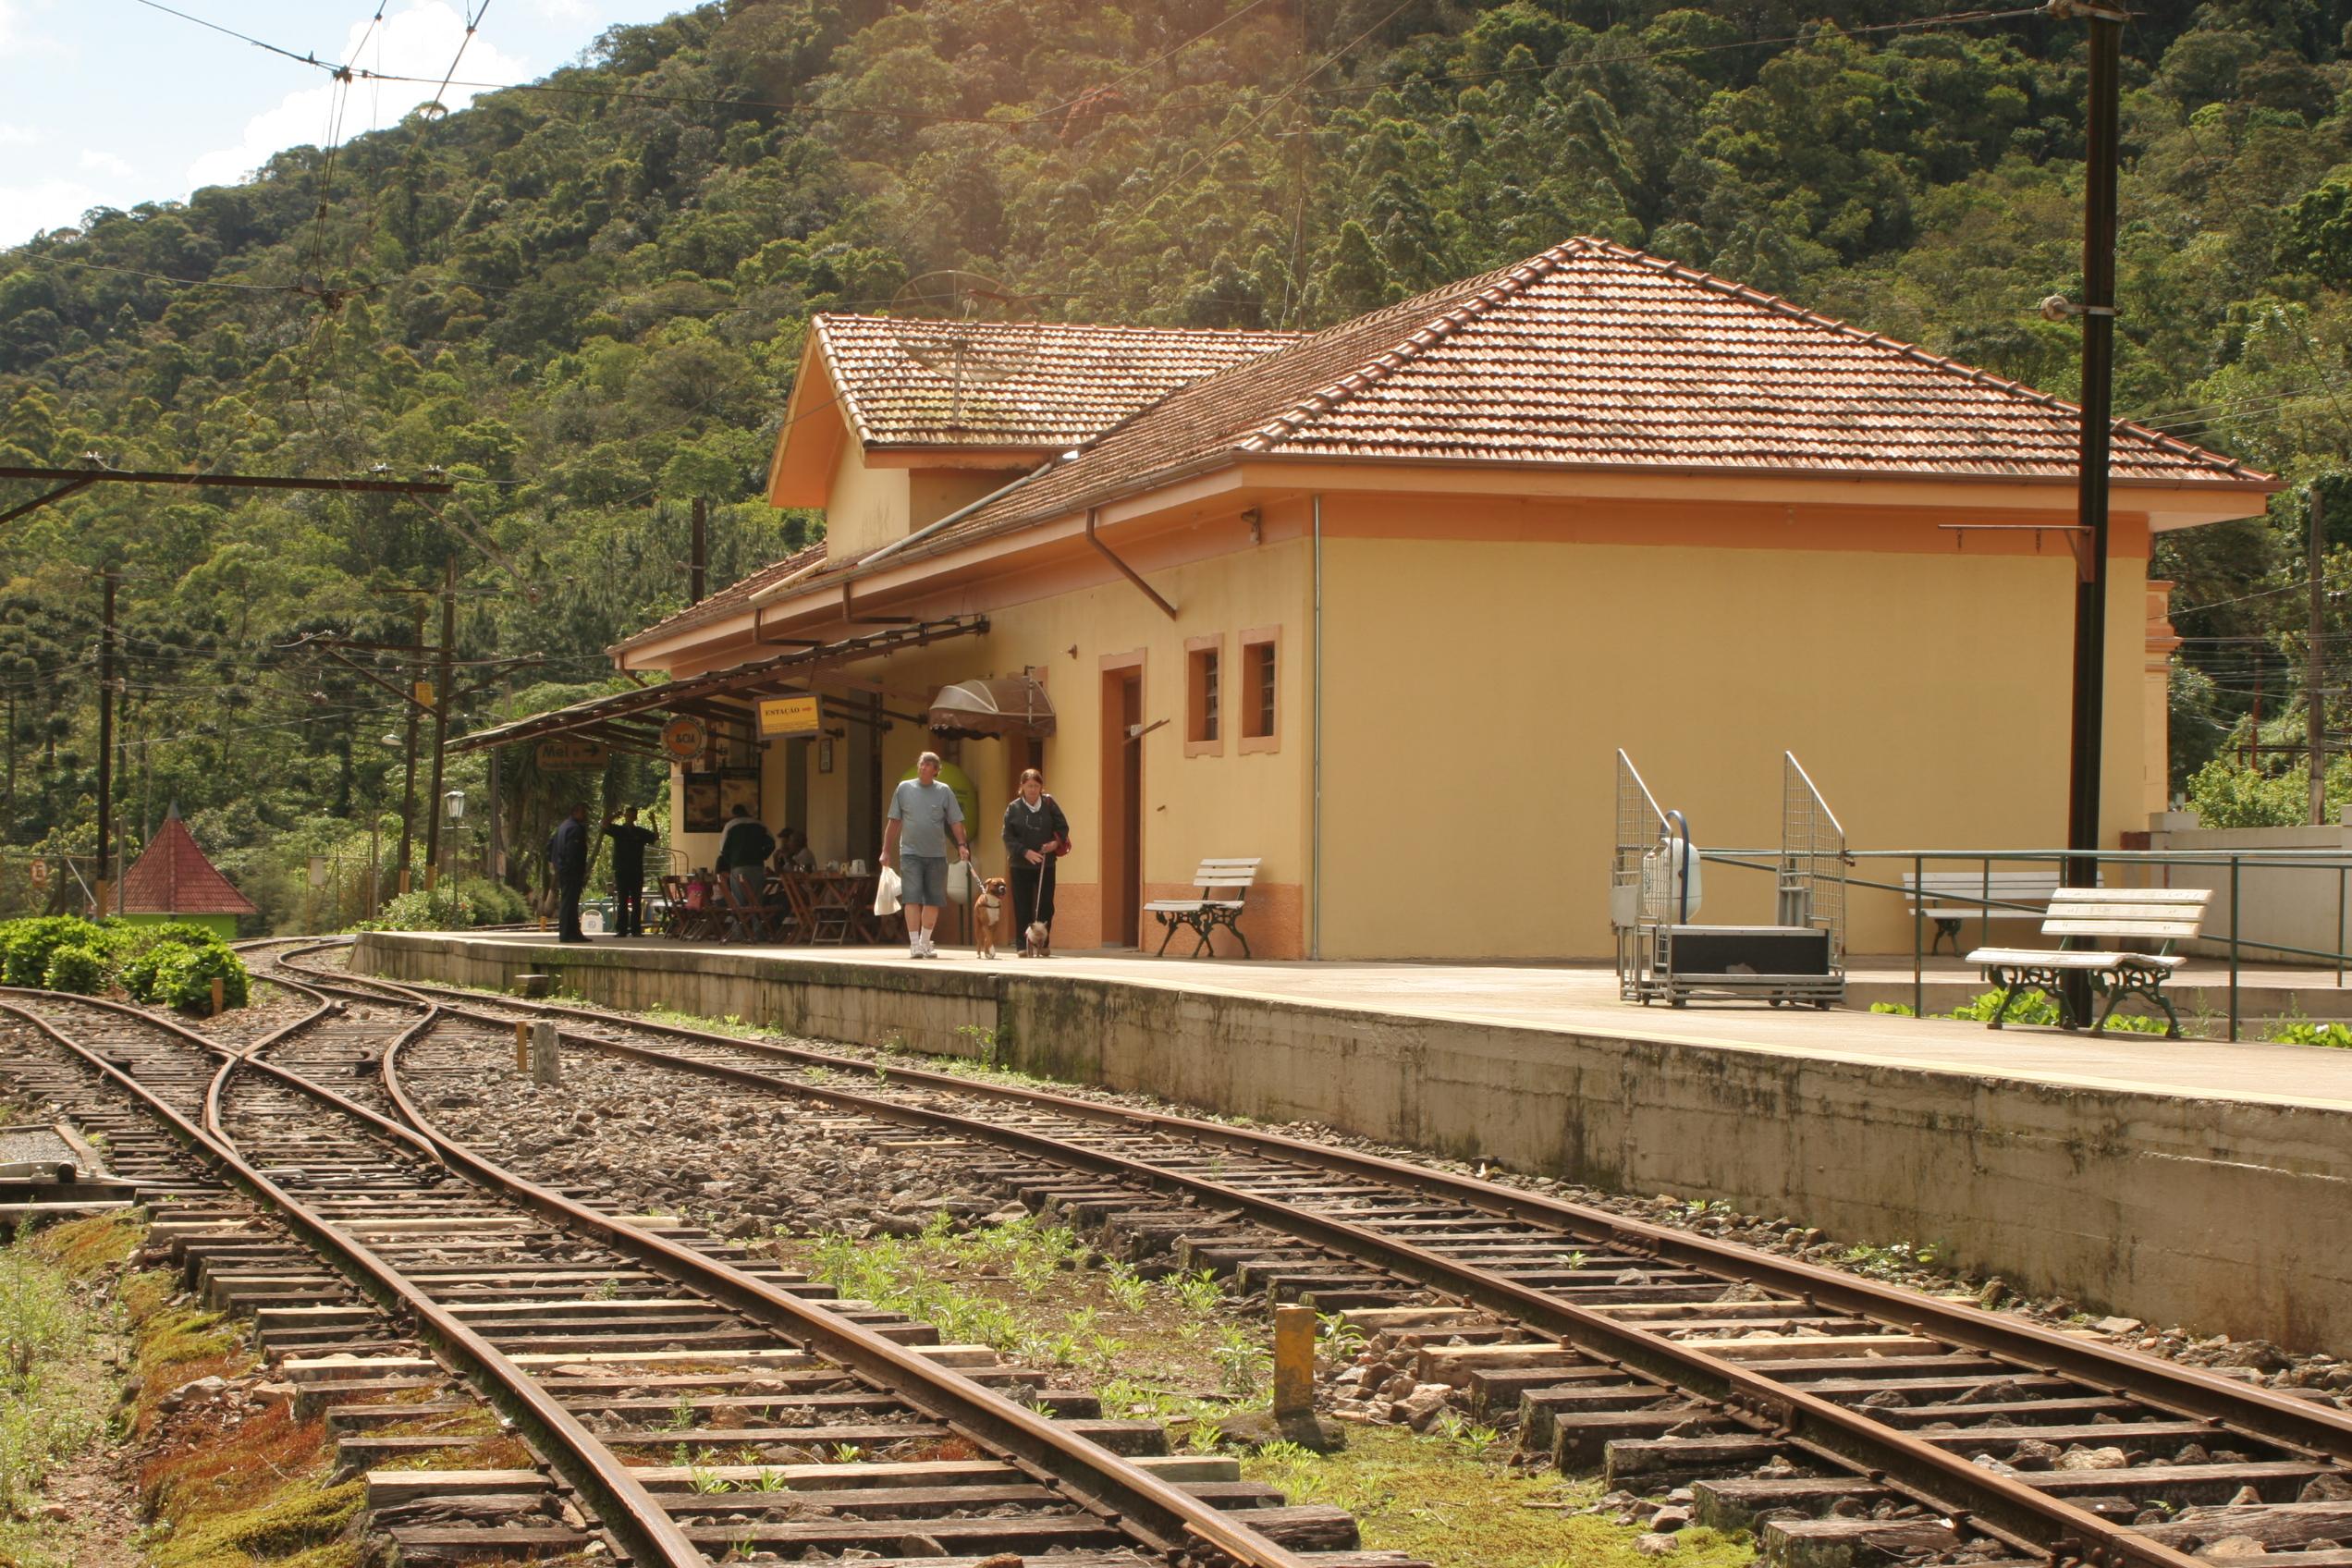 Estação Eugêncio Lefreve - foto: Ana Paula Hirama